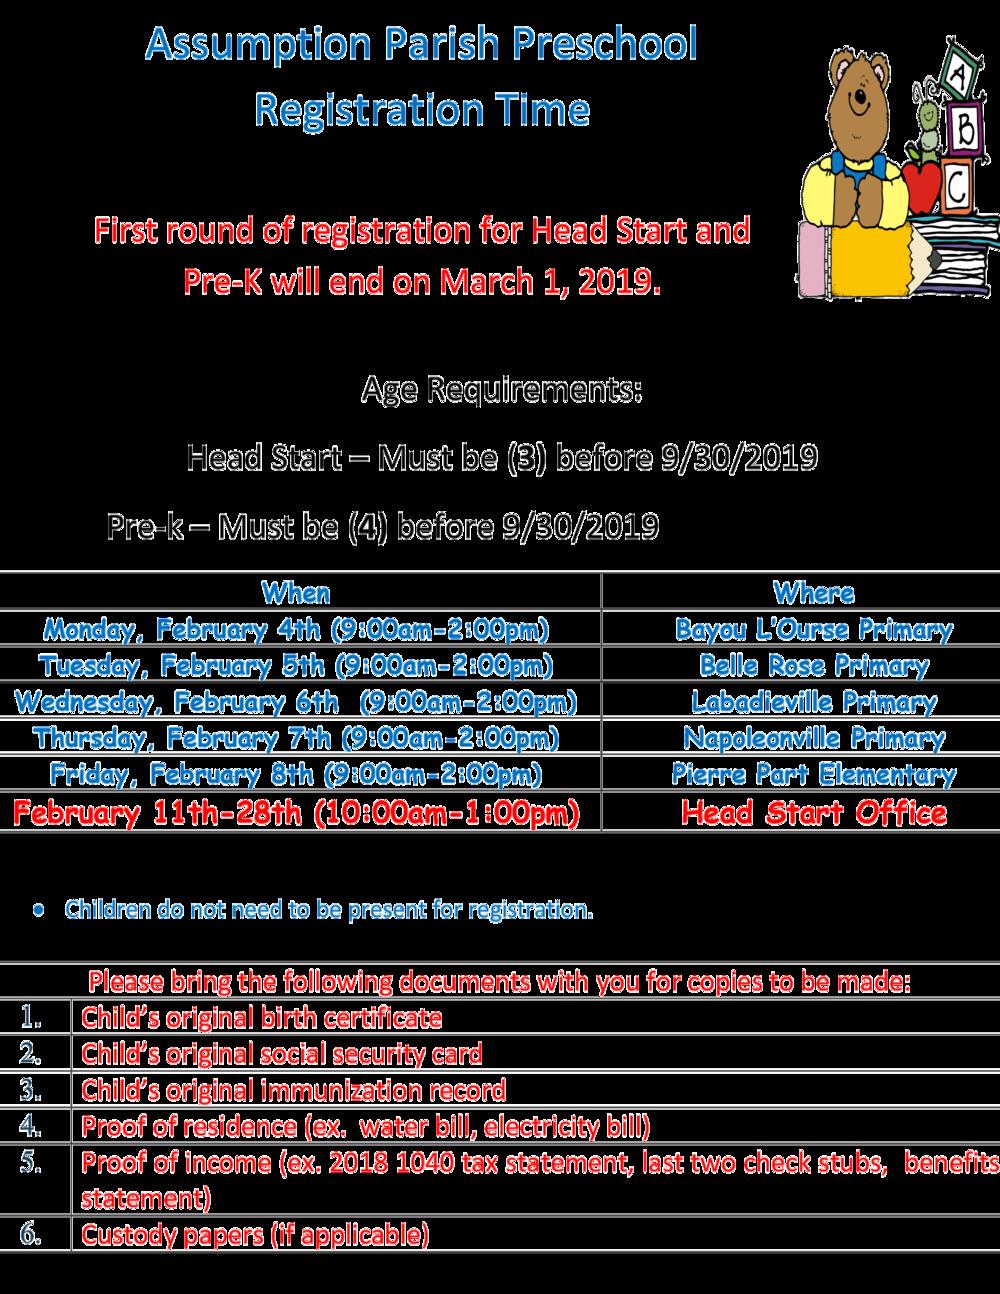 APSB-Pre-K-registration-flyer-2019-round-1-1.png